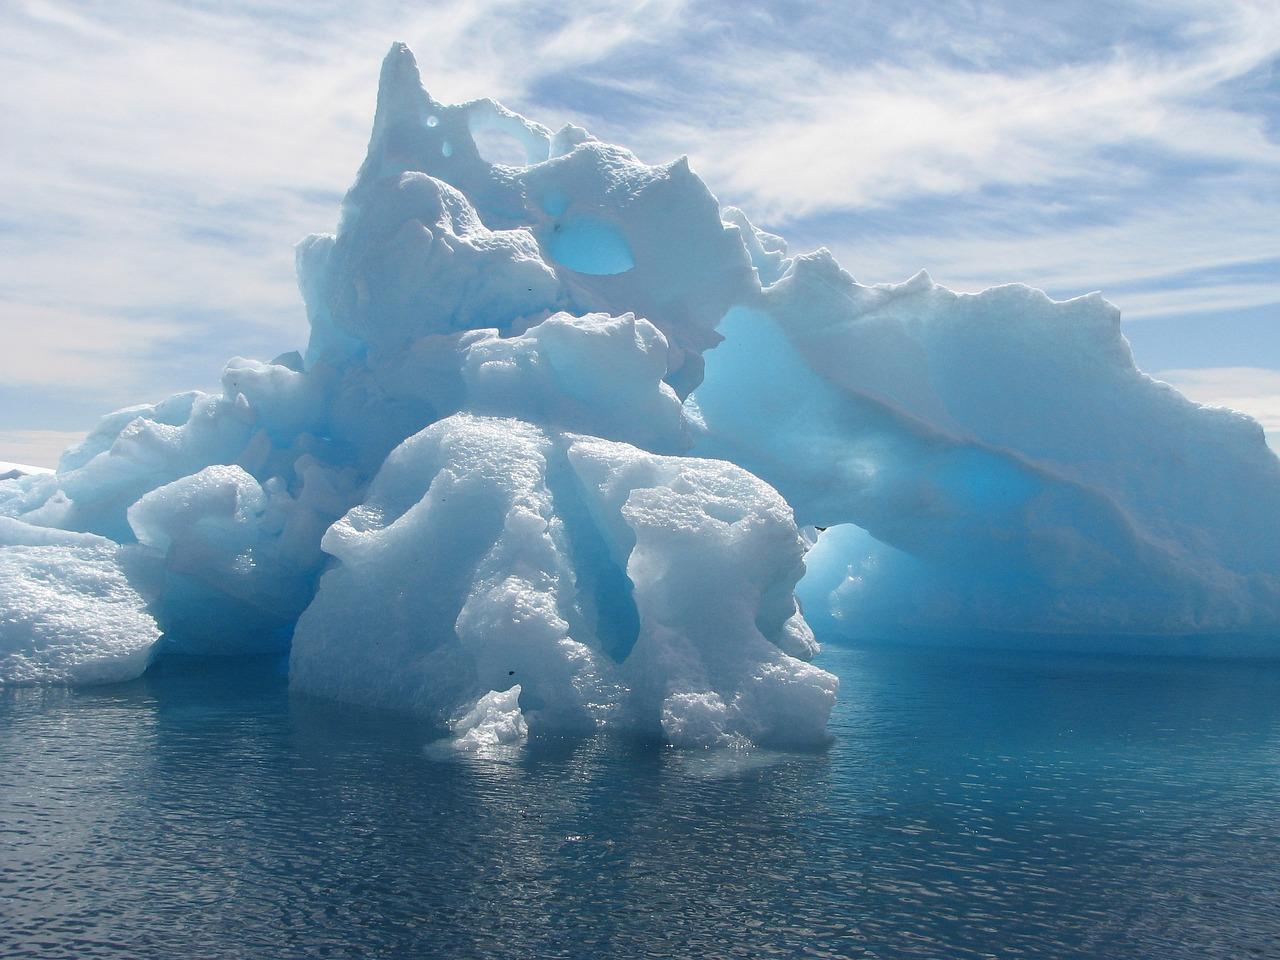 Фото картинки арктики